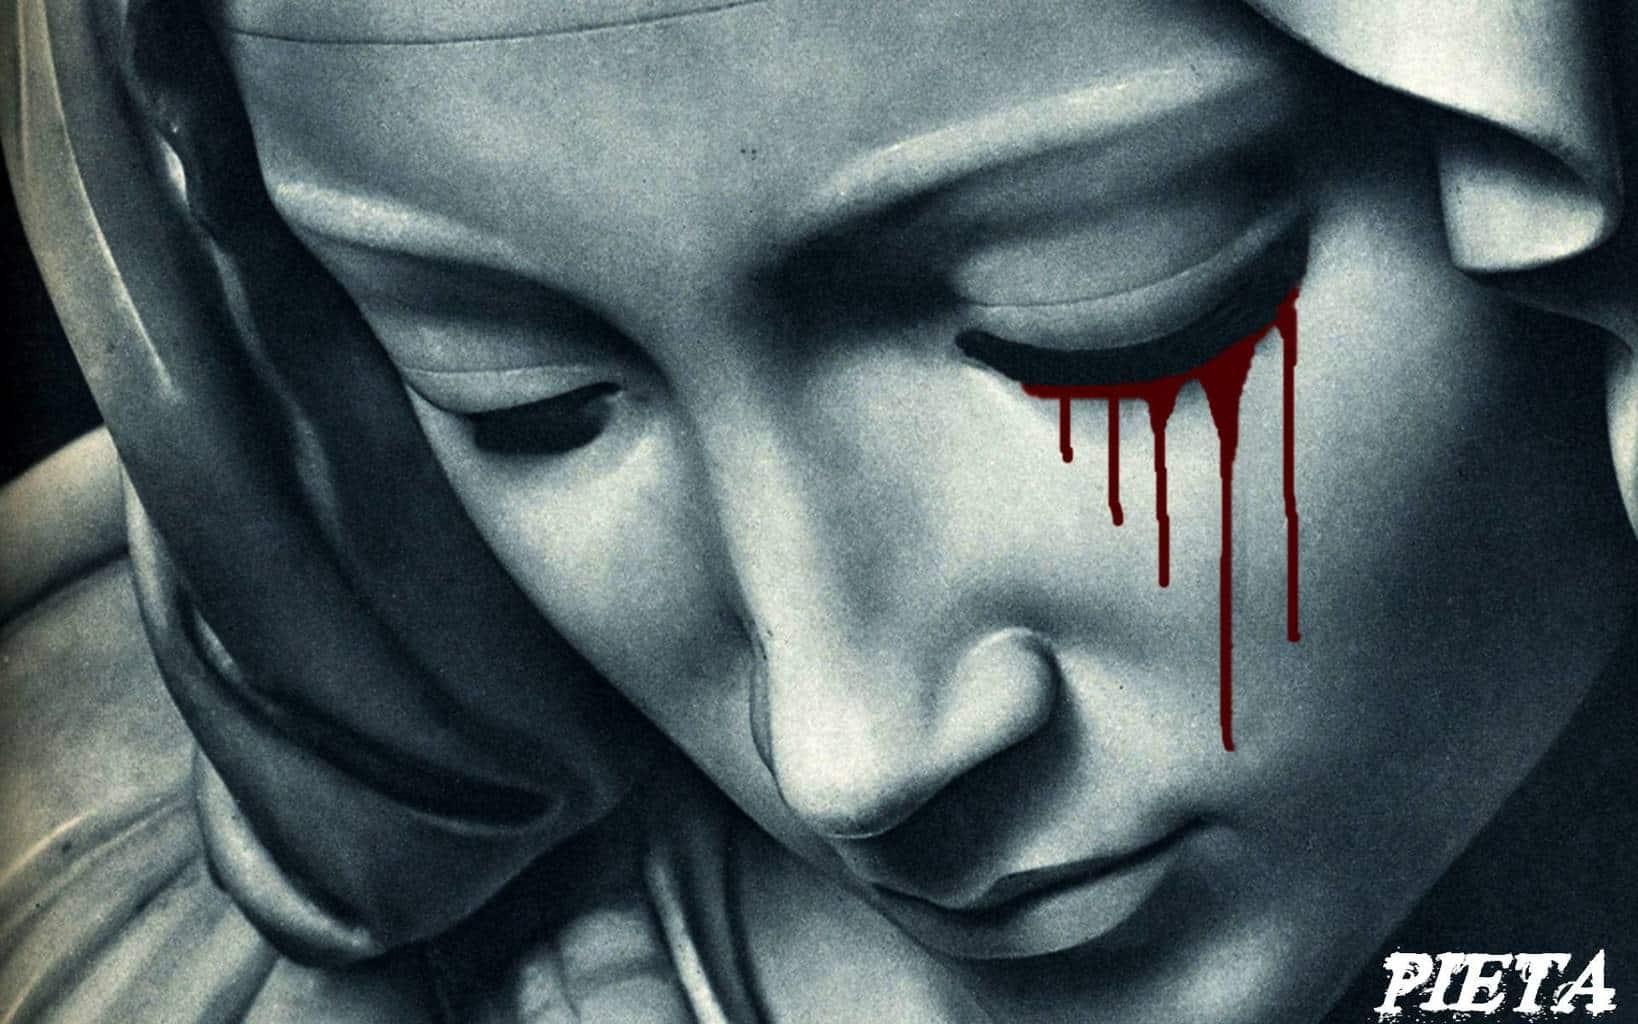 Pietà - DVD Review   film reviews, interviews & features ...